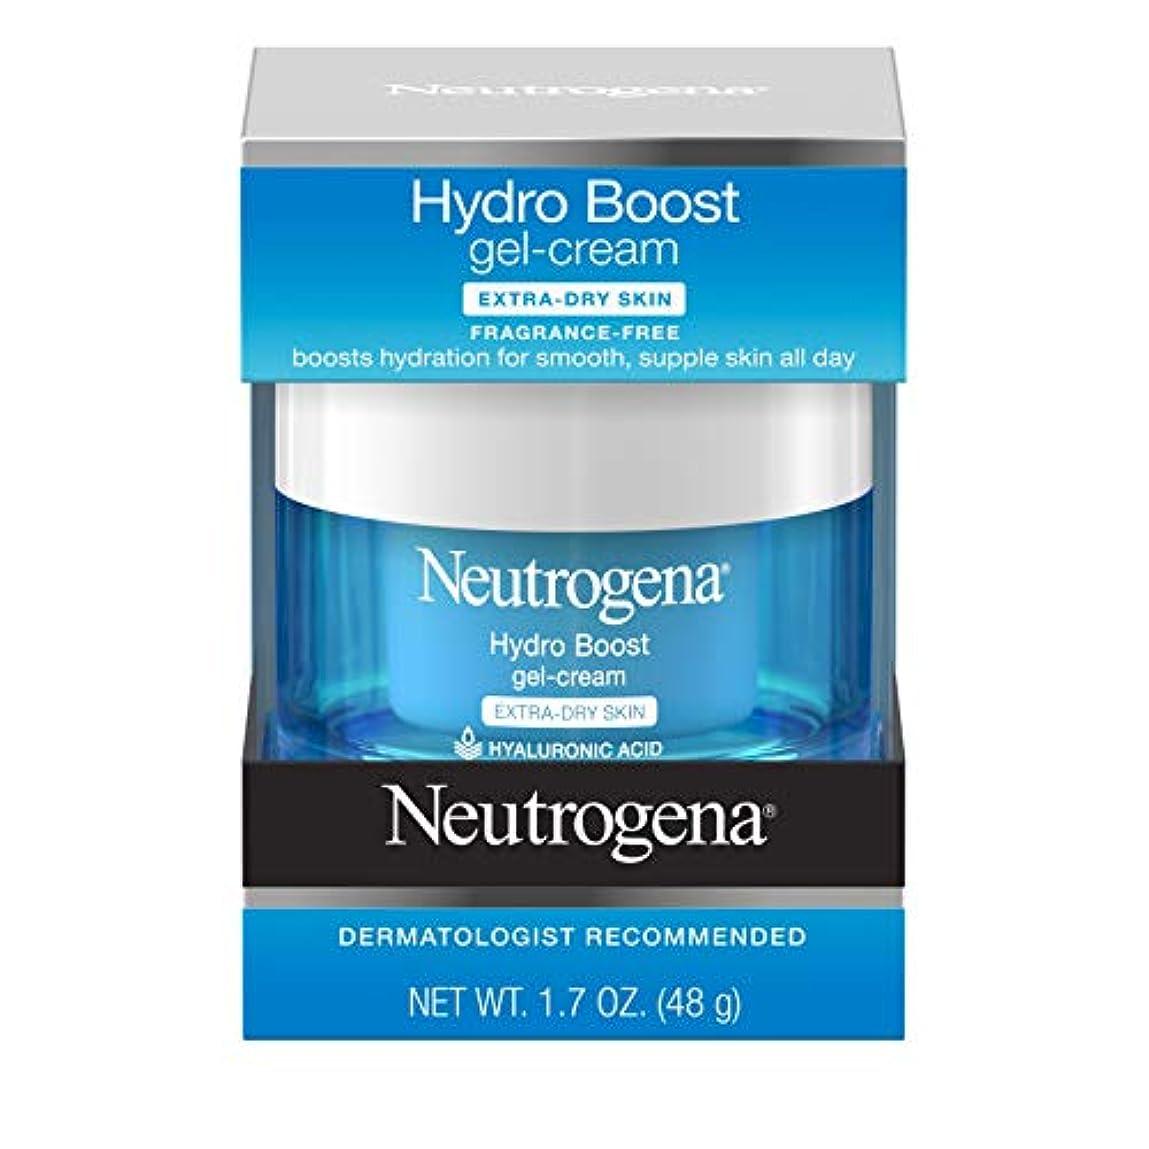 完全に乾く白雪姫パラメータNeutrogena Hydro Boost Gel Cream, Extra Dry Skin, 1.7 Ounce  海外直送品?並行輸入品